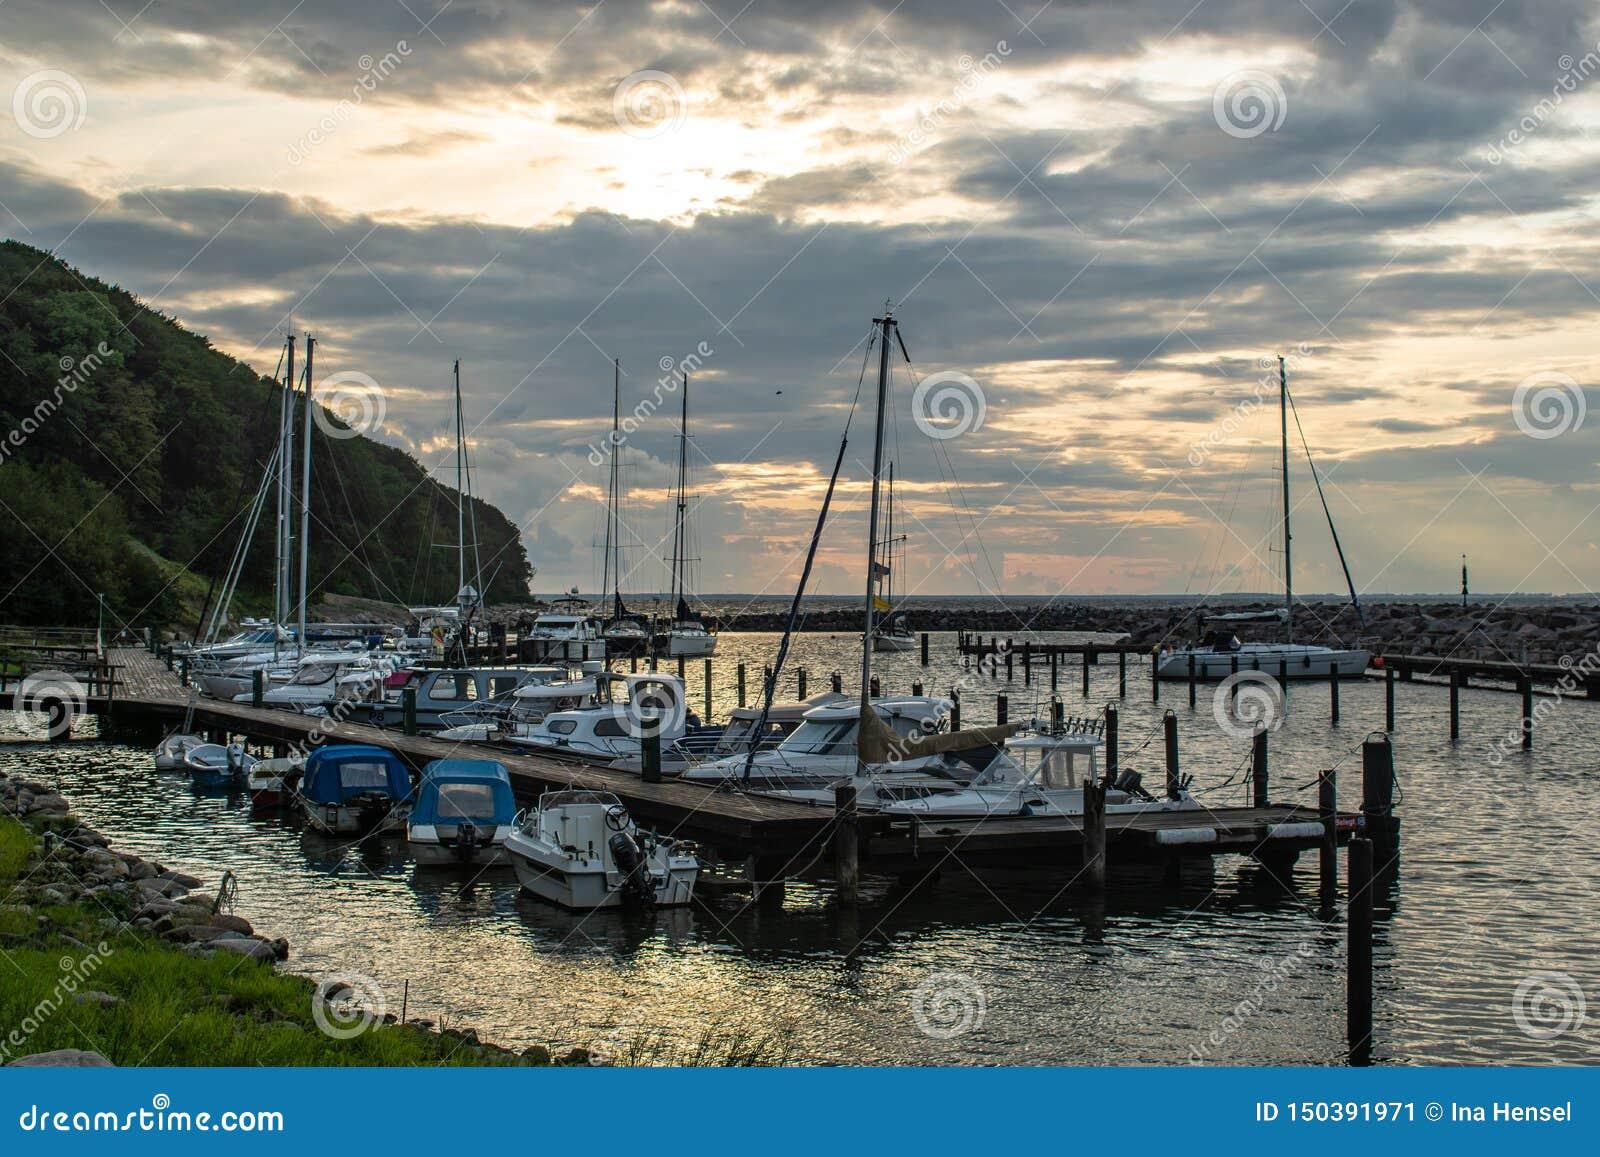 Φυσικός λίγο λιμάνι με τις πλέοντας βάρκες στο φως ηλιοβασιλέματος